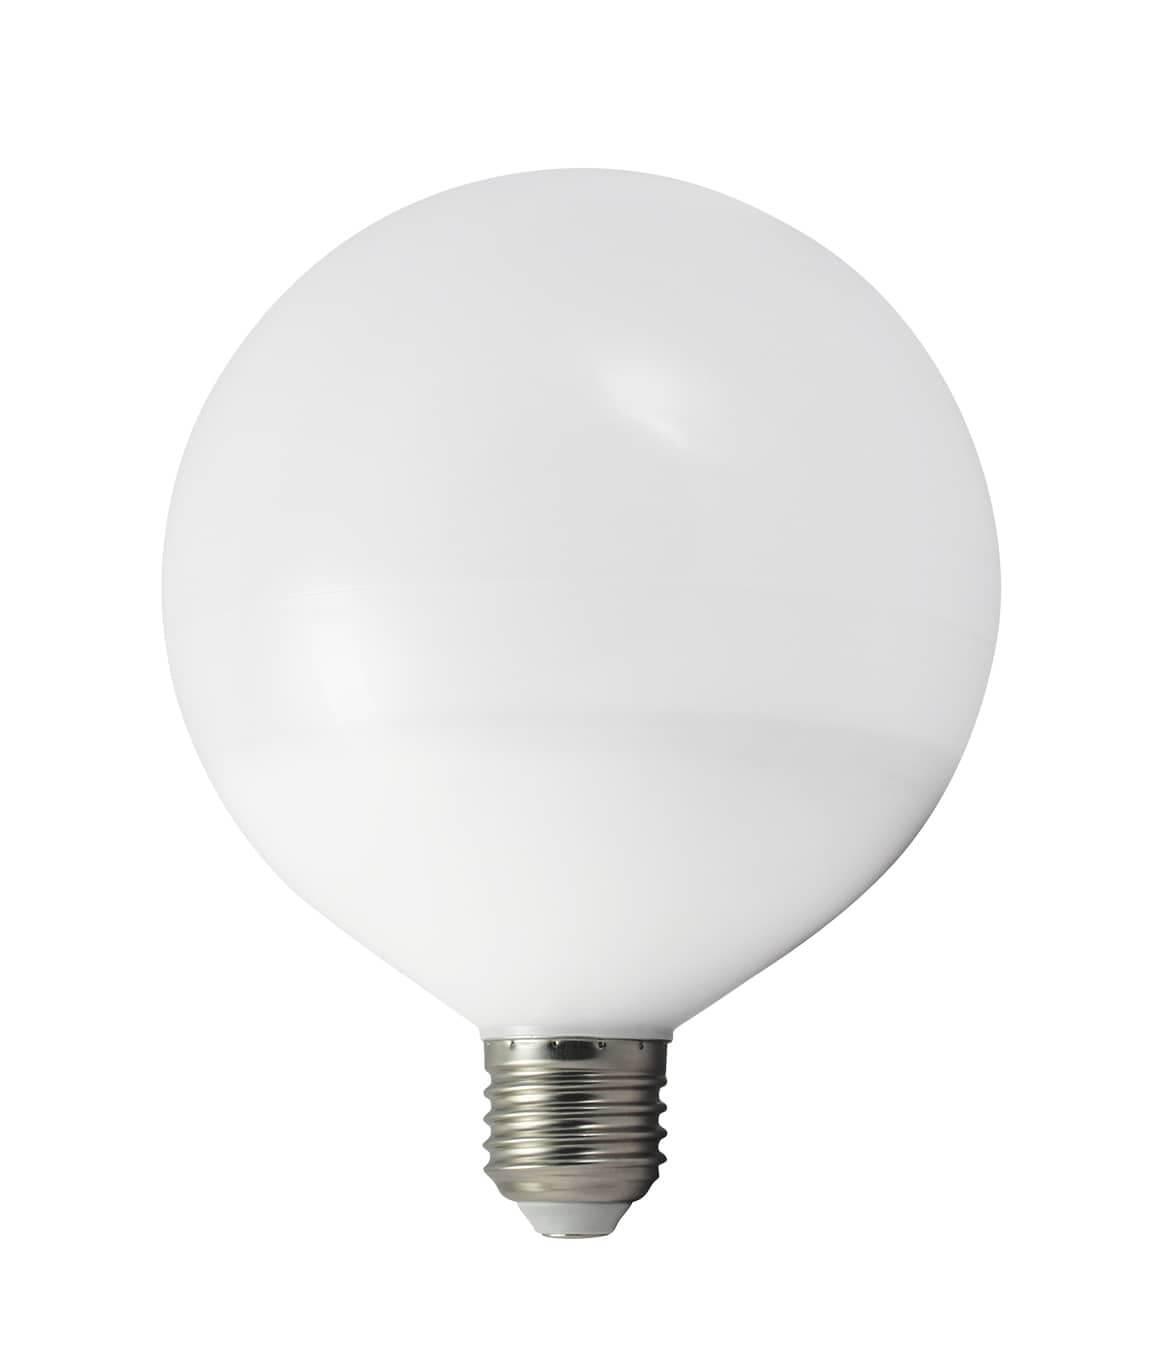 Bioledex GLOBE LED Lampe E27 G120 15W 1350Lm Warmweiss hier bestellen